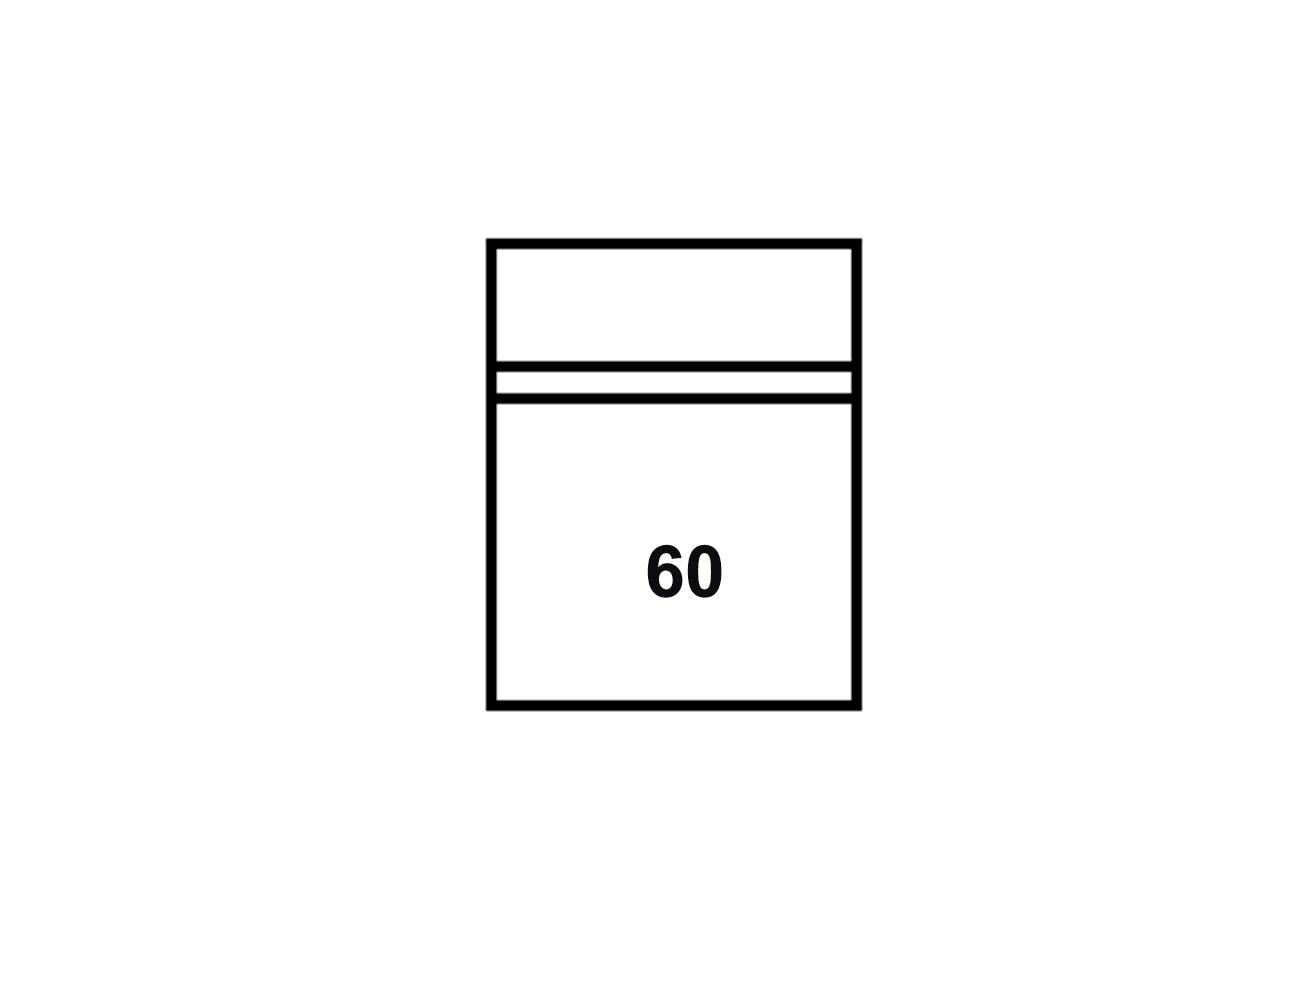 Modulo 1p 604